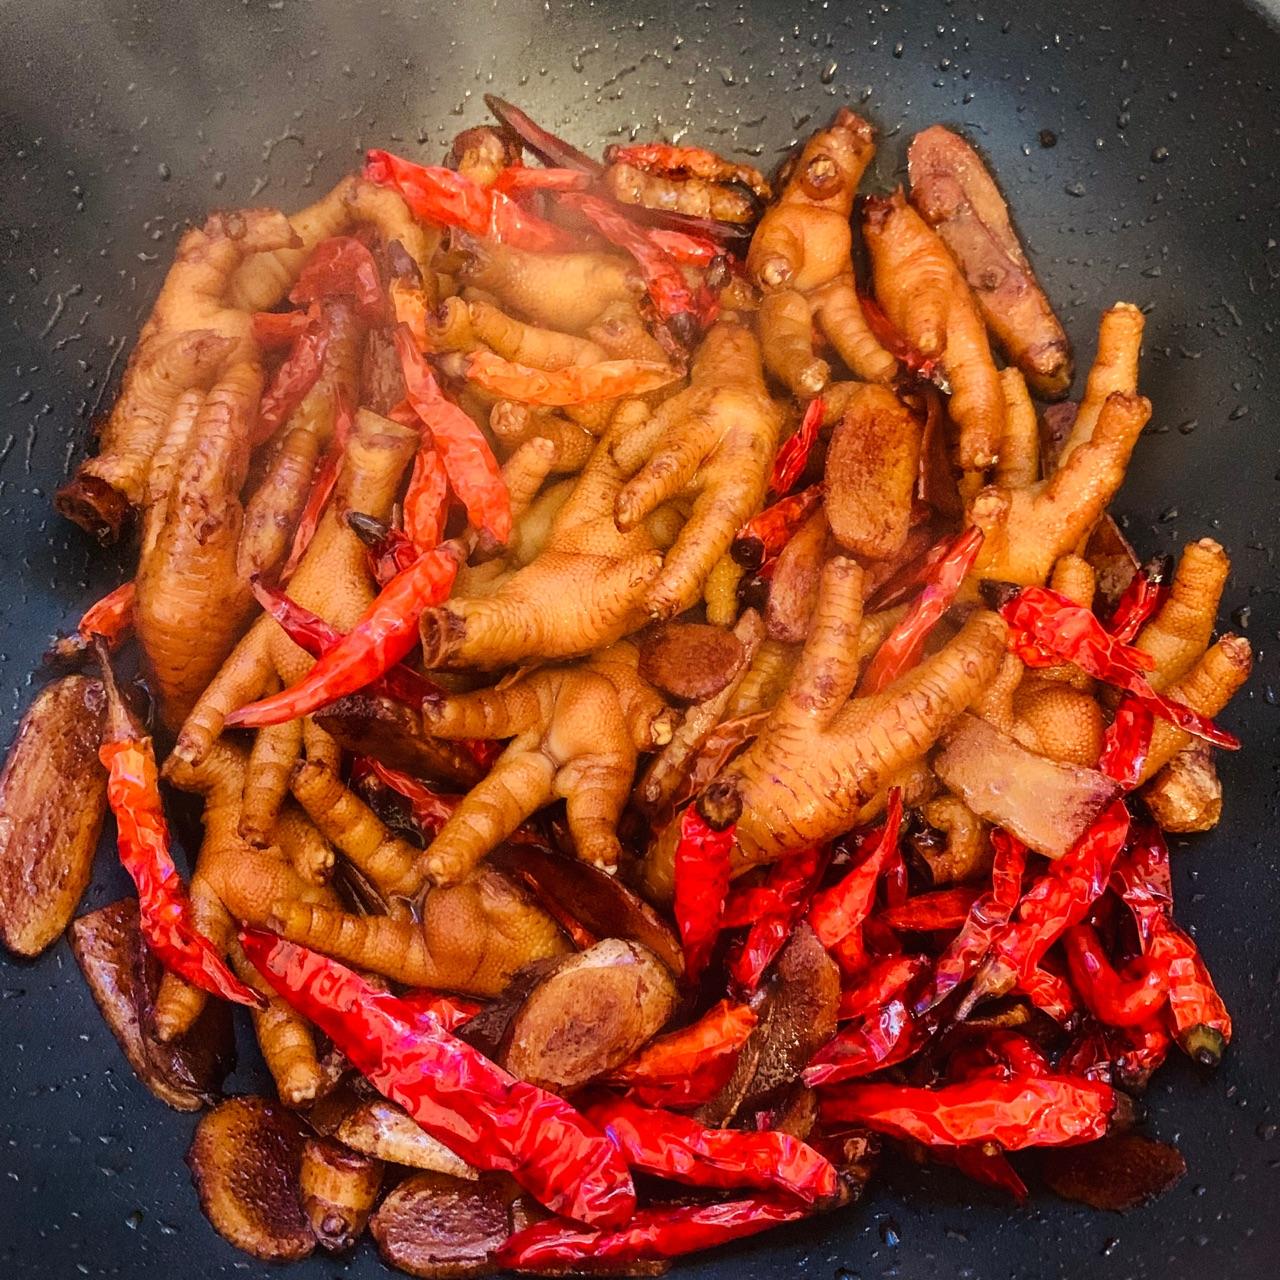 姜辣鸡爪的菜谱_羊肉_豆果美食做法金针菇汤图片